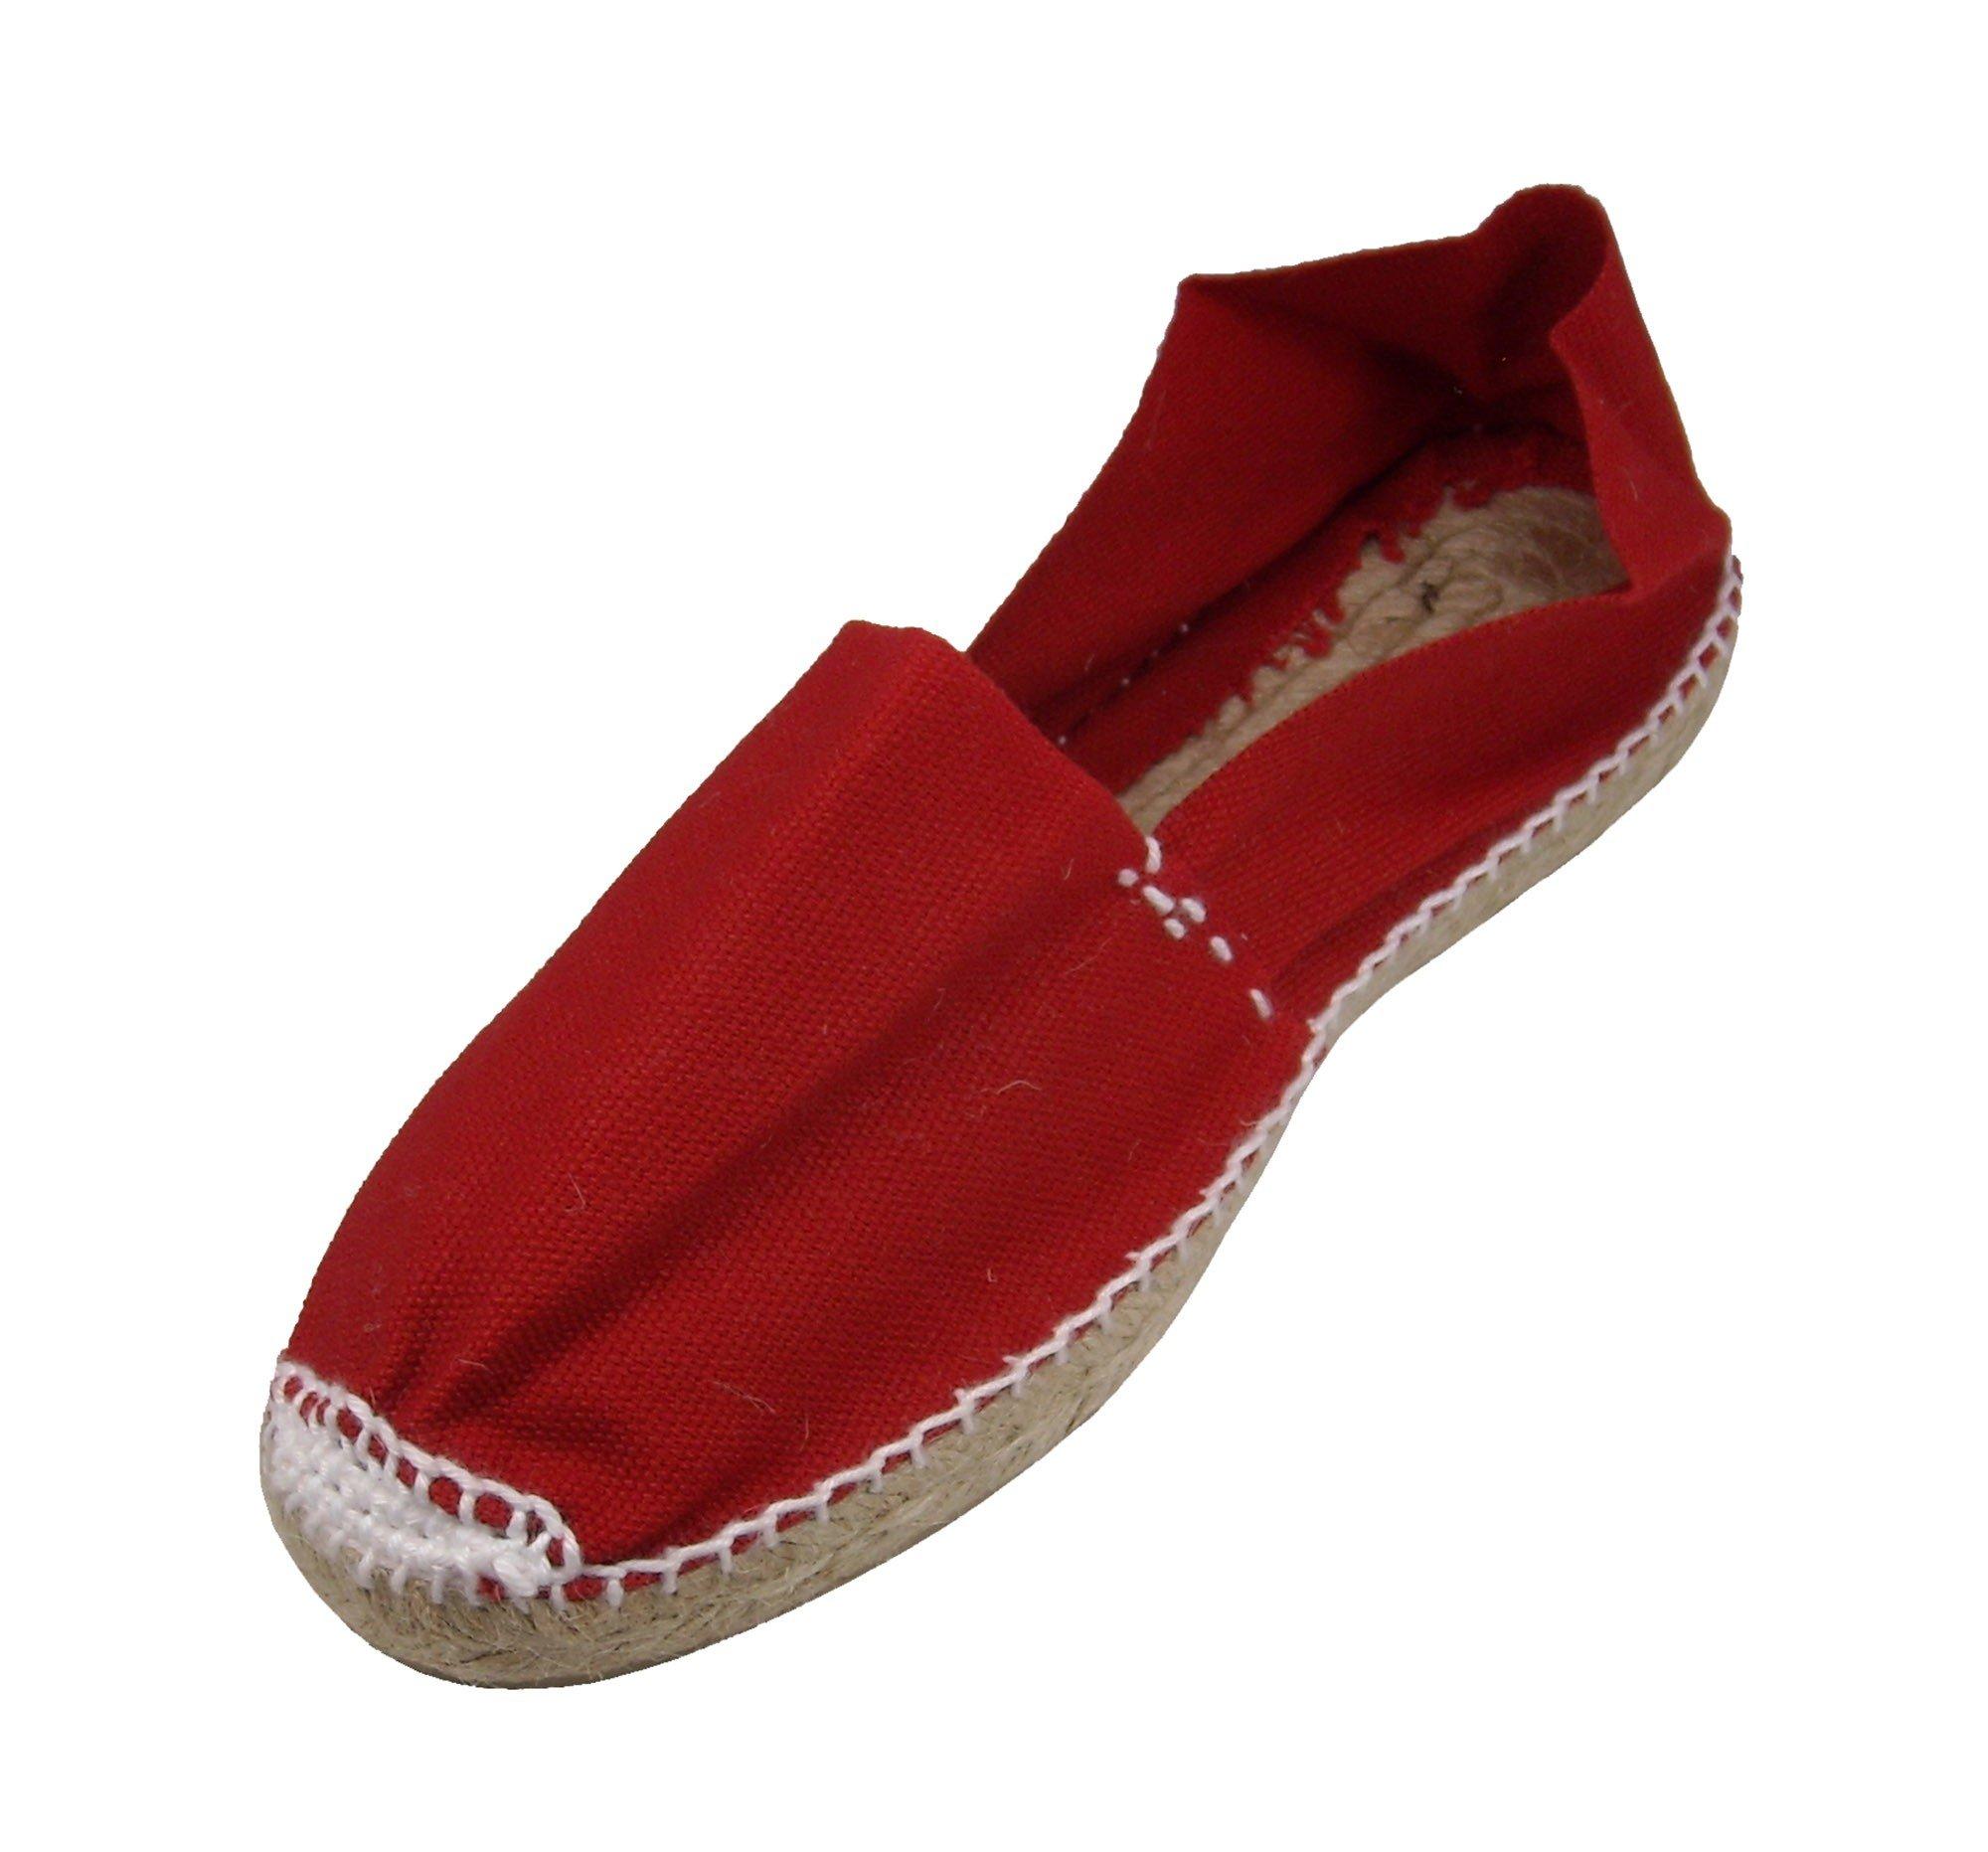 Alpargatus - Espadrille Red 32 EU / 1 - 1.5 US Unisex Child Red